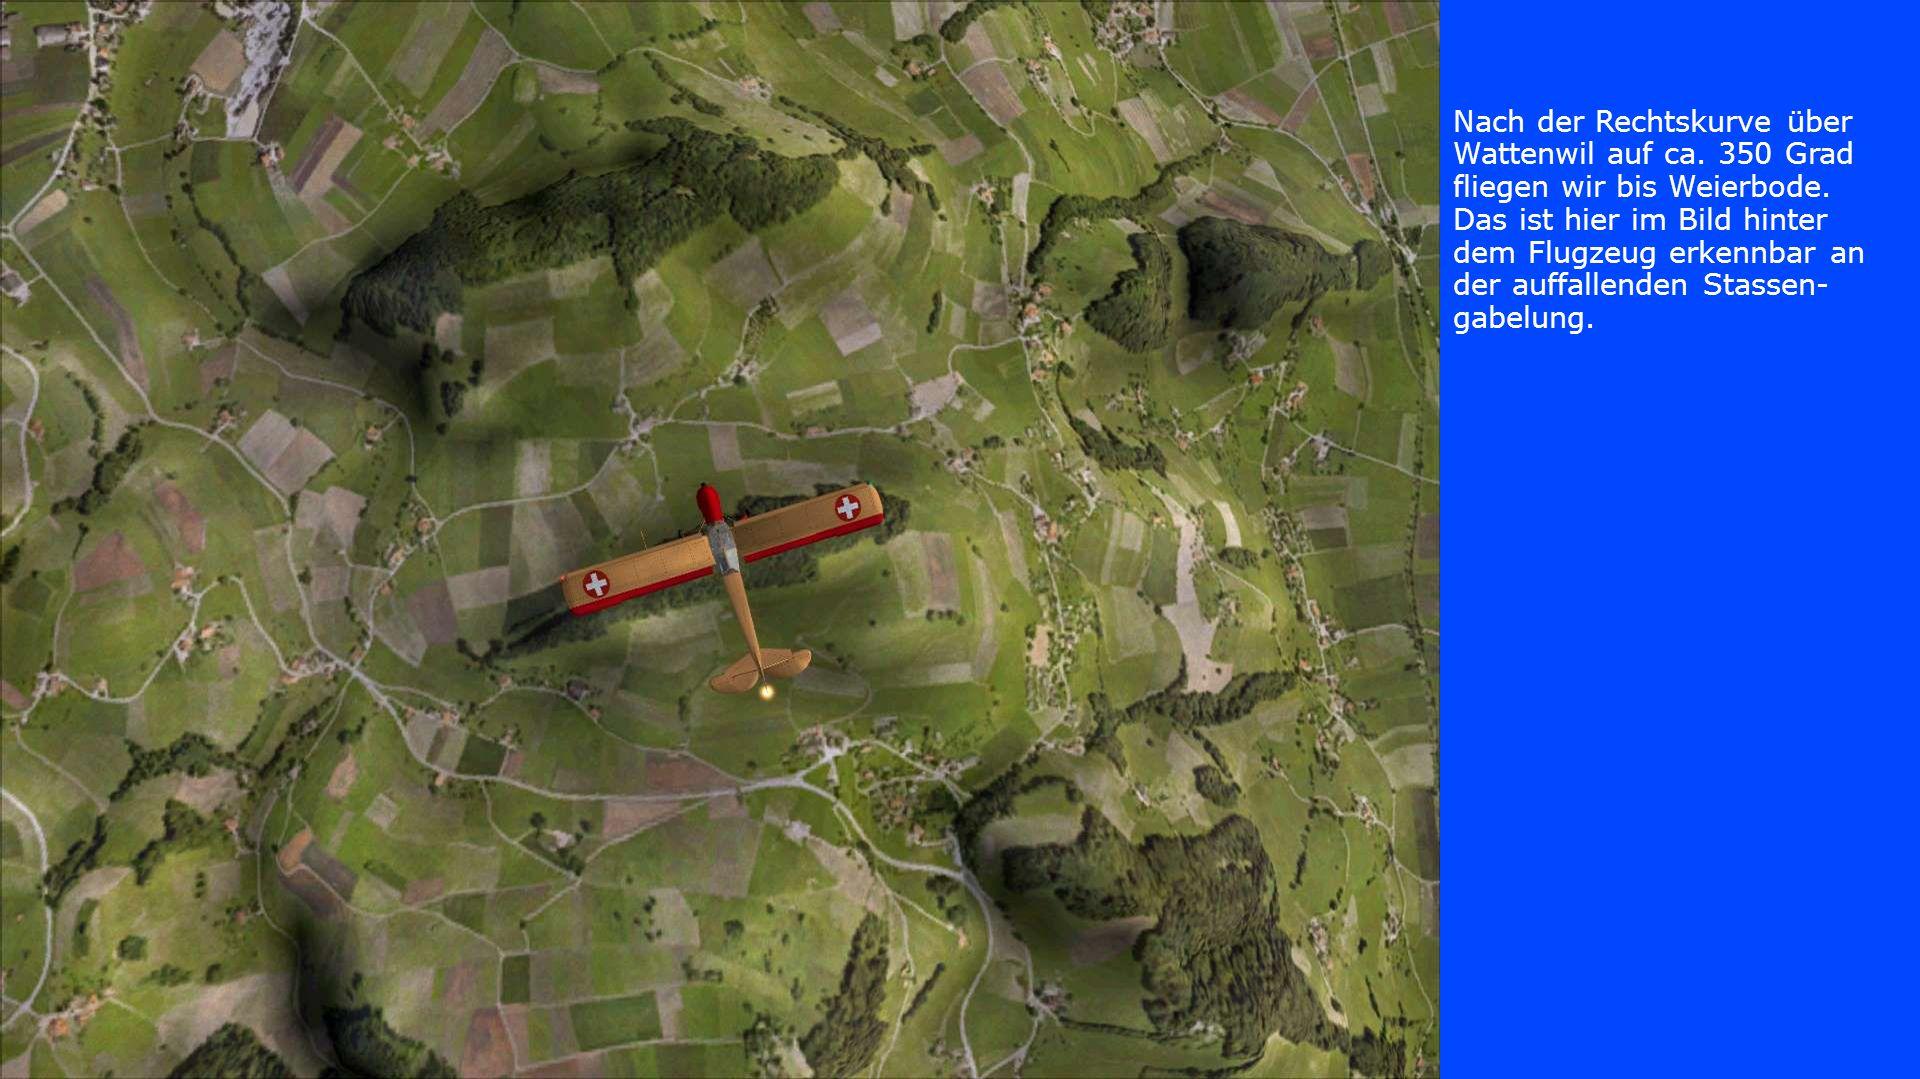 Nach der Rechtskurve über Wattenwil auf ca. 350 Grad fliegen wir bis Weierbode. Das ist hier im Bild hinter dem Flugzeug erkennbar an der auffallenden